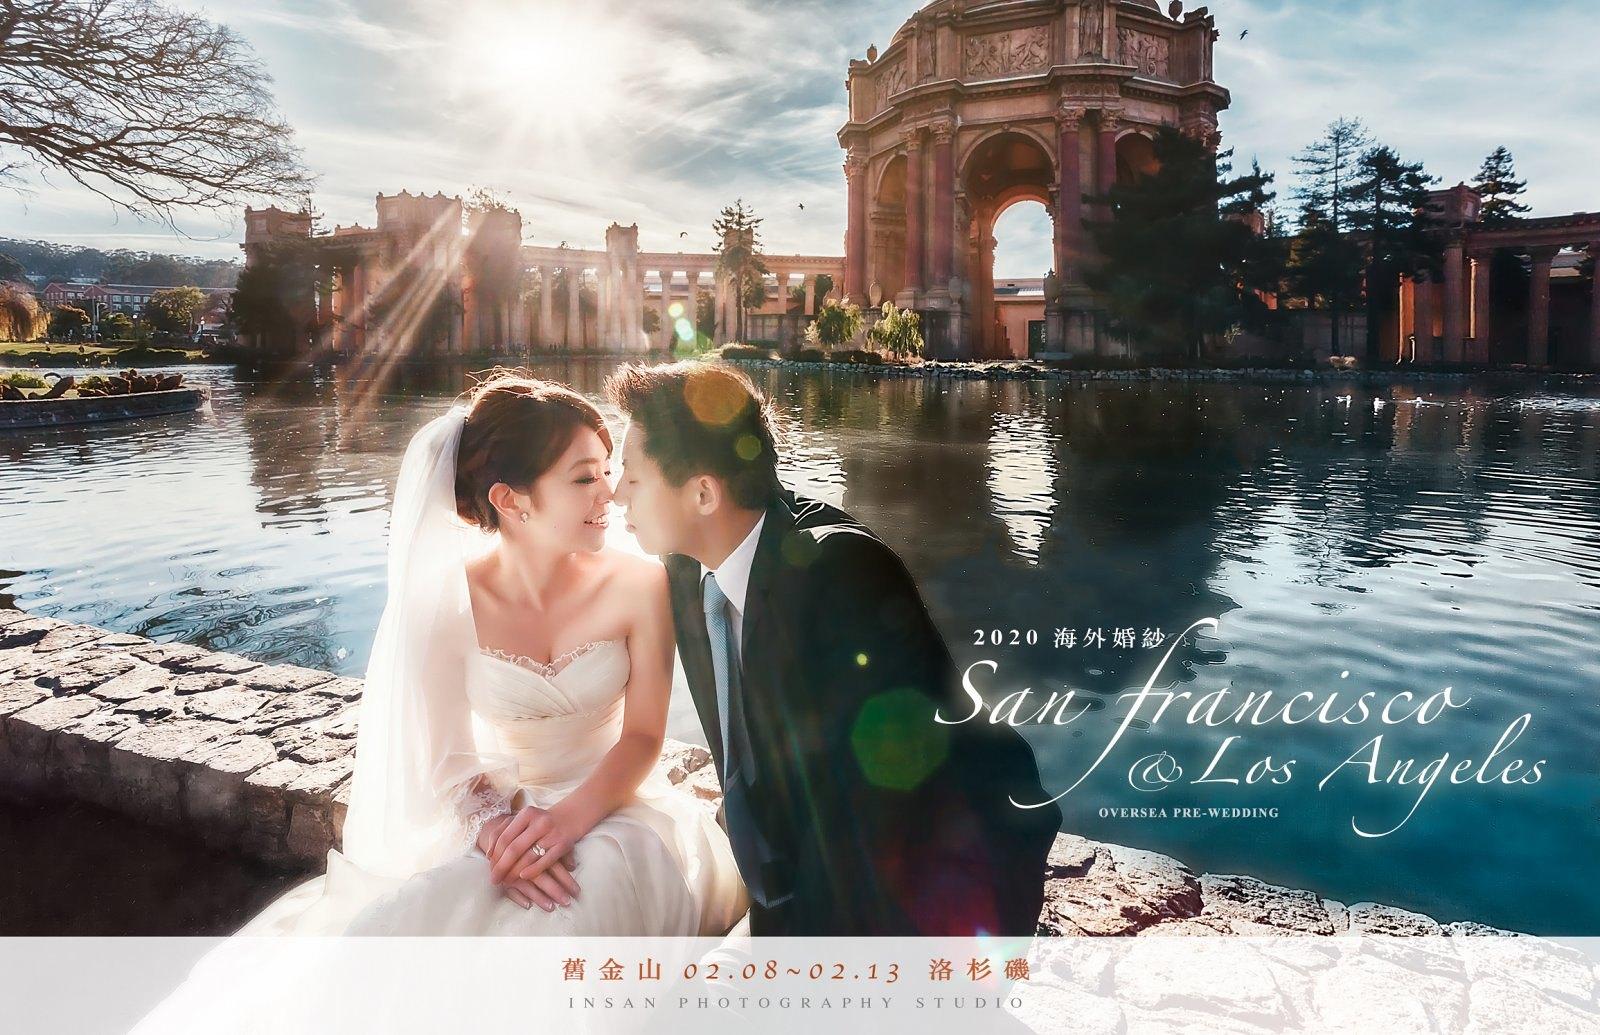 舊金山婚紗2020-拷貝-1600x1035